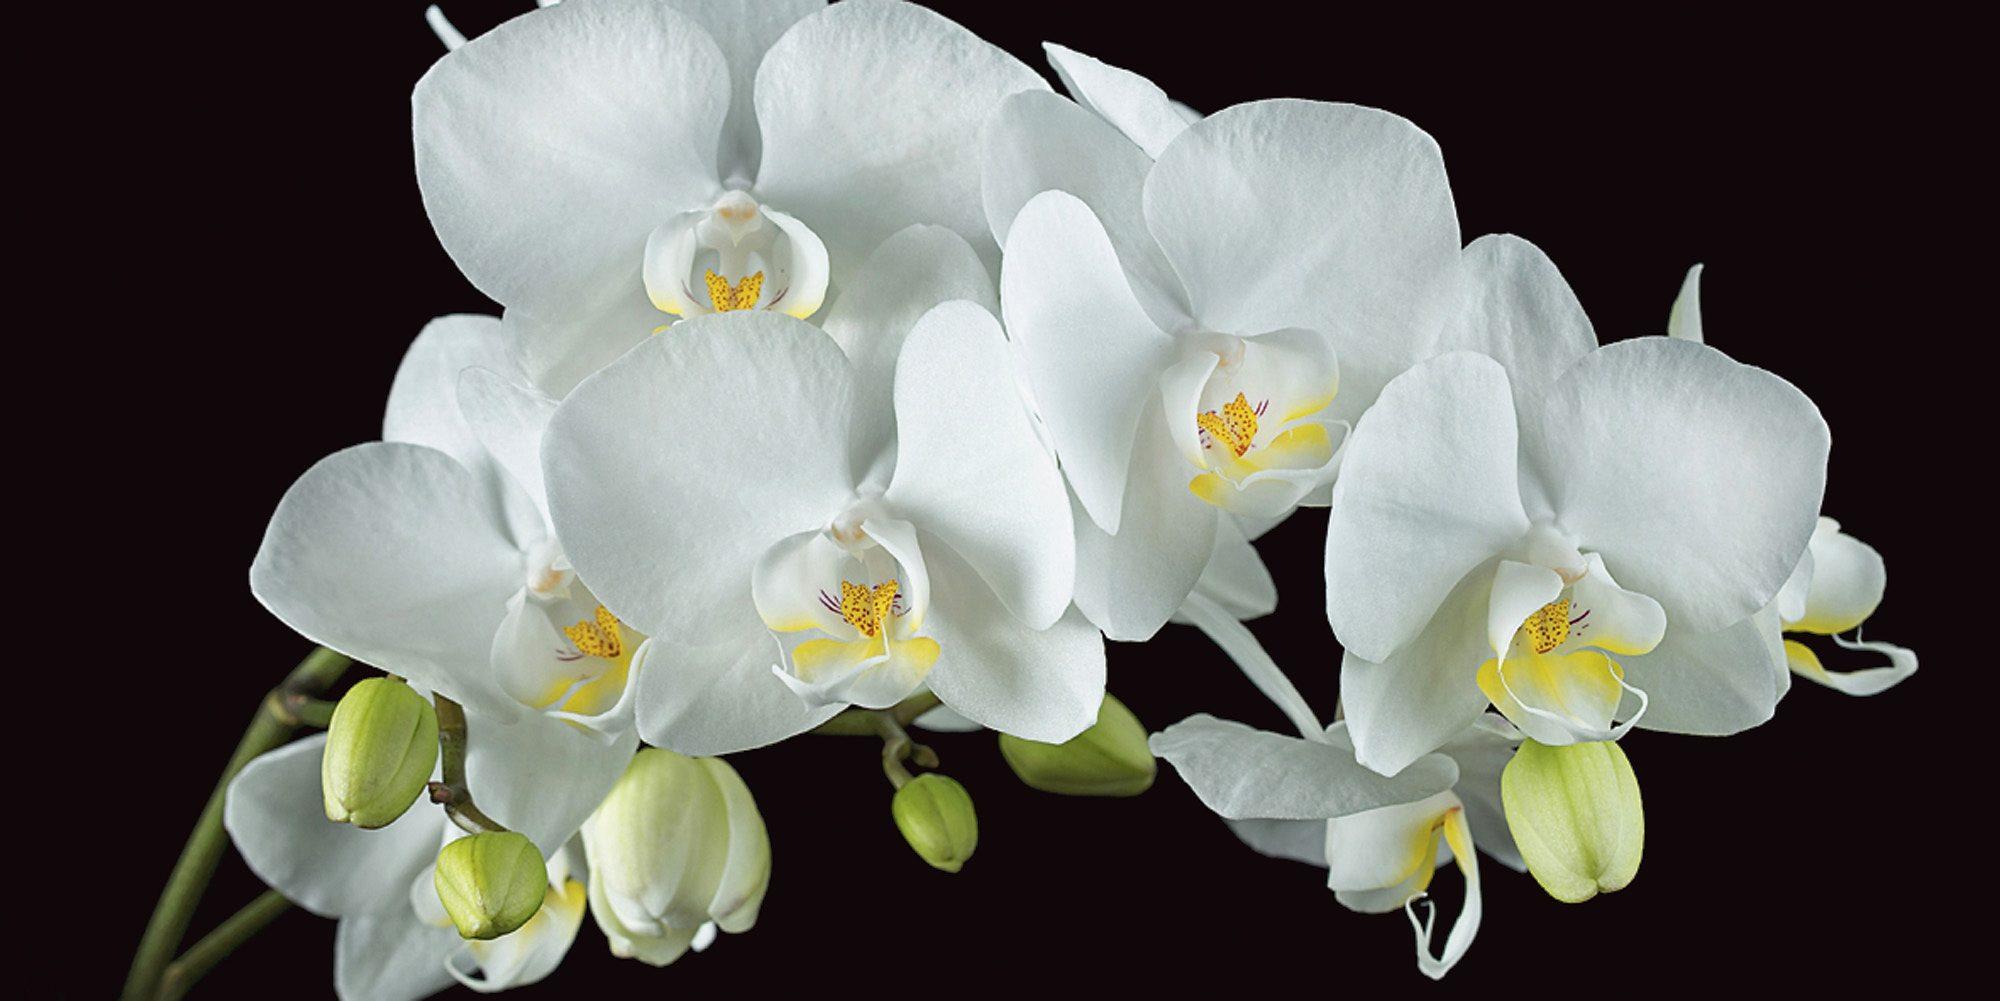 Home affaire Leinwandbild »Harald Biebel: Weiße Orchidee auf schwarzem Hintergrund«, 100/50 cm